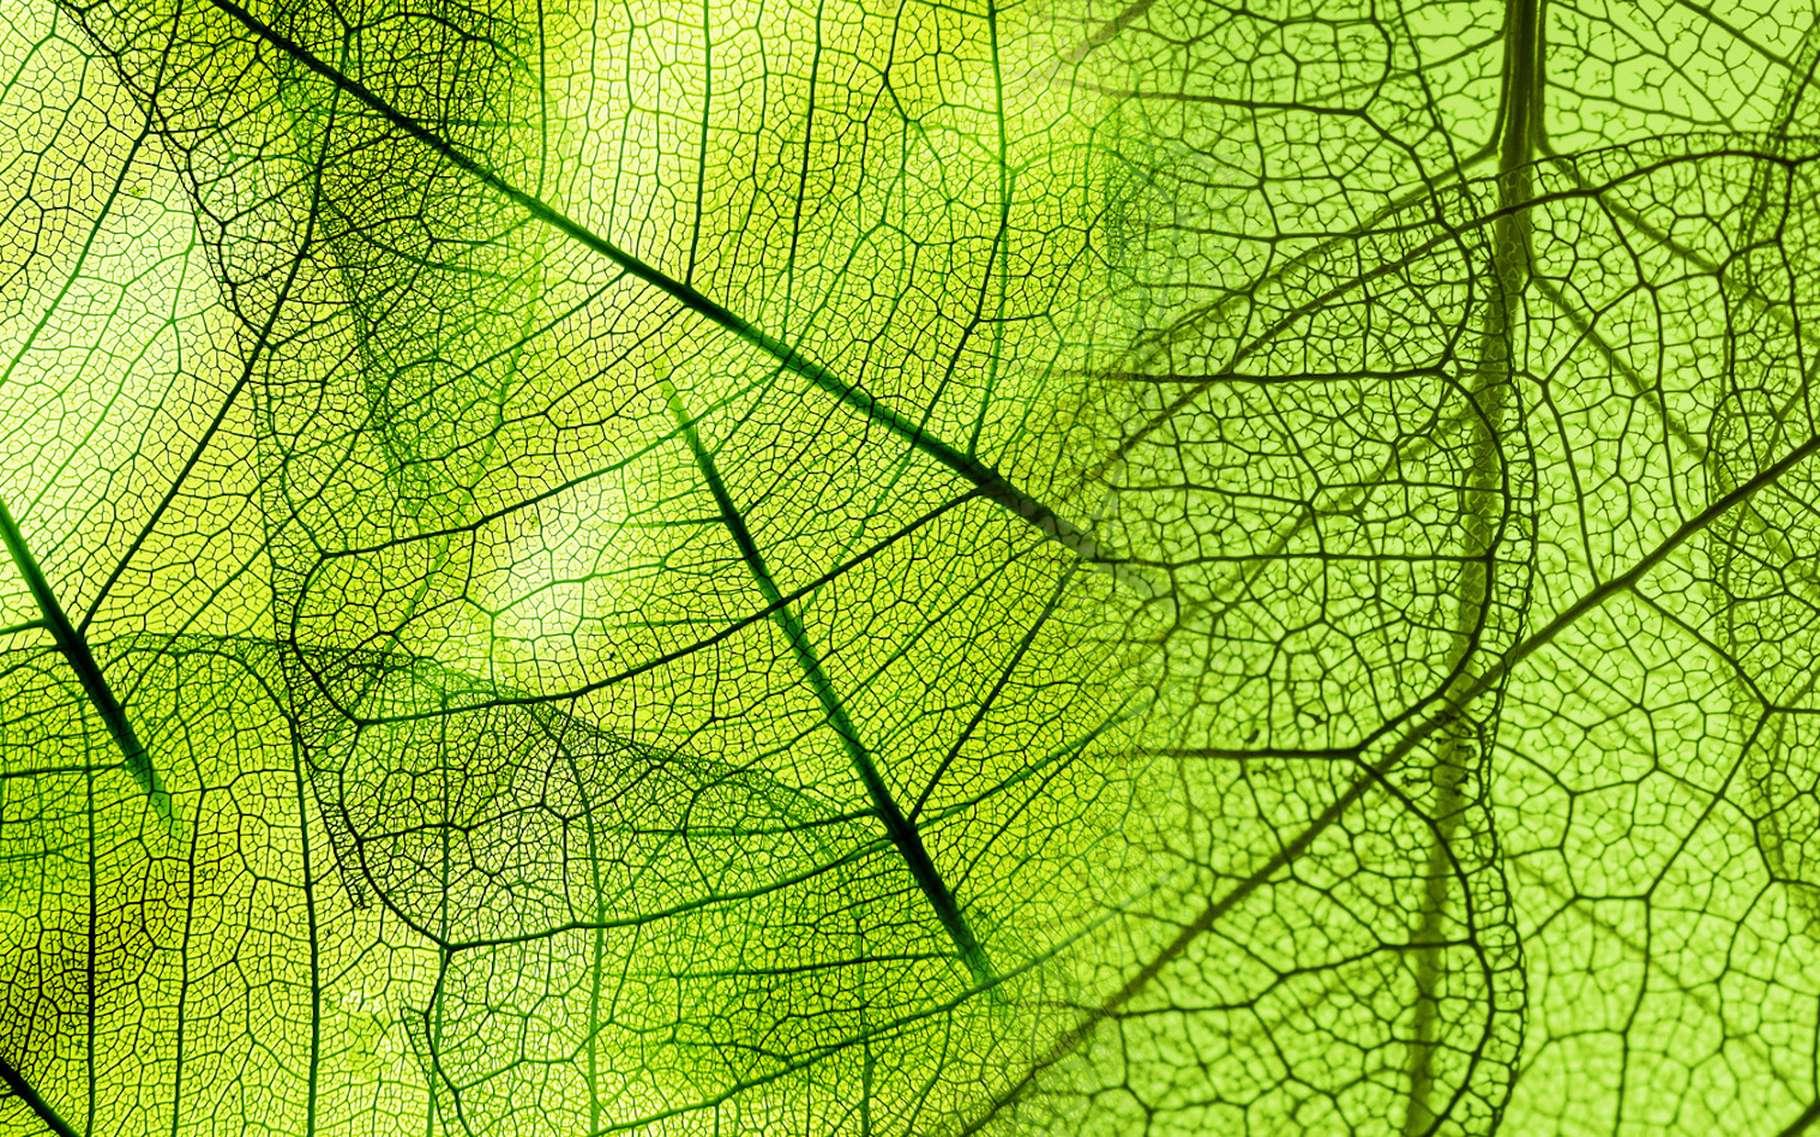 Des chercheurs sont sur une sérieuse piste qui permettrait d'élaborer un matériau capable de réguler lui-même sa température en fonction des conditions extérieures. Ils se sont inspirés de la nature. © Vera Kuttelvaserova, Fotolia